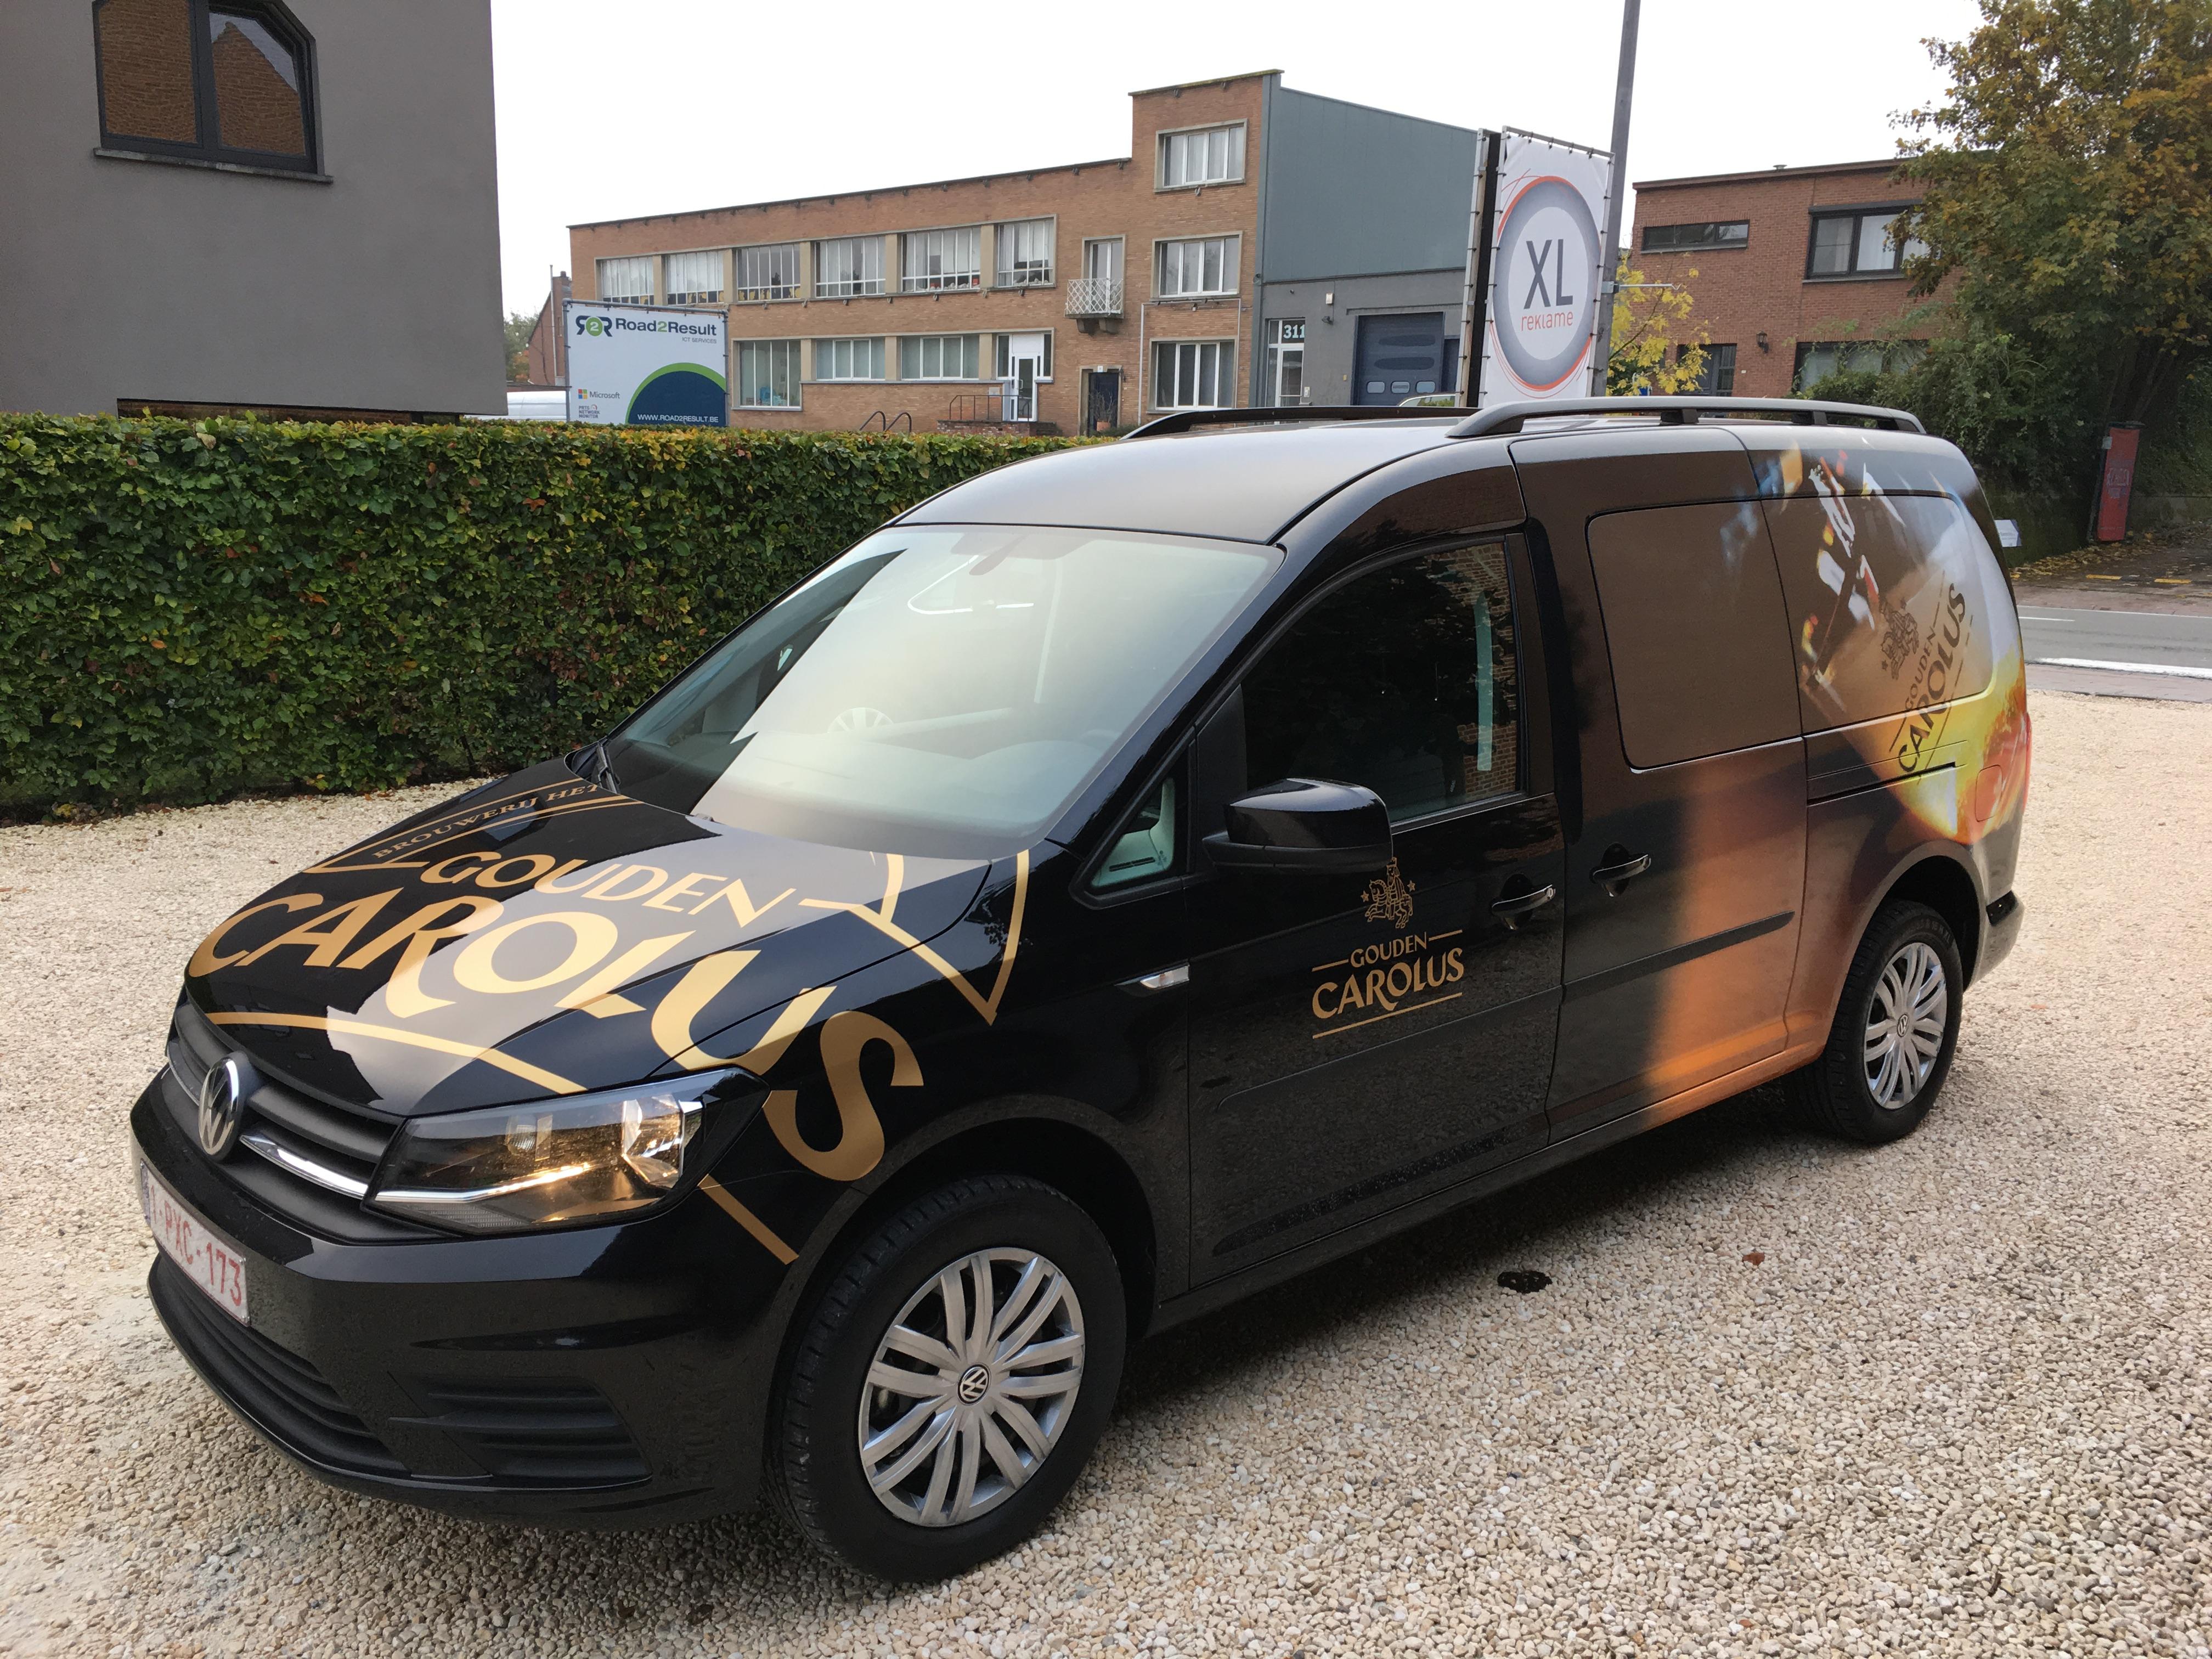 Wagenpark Gouden Carolus